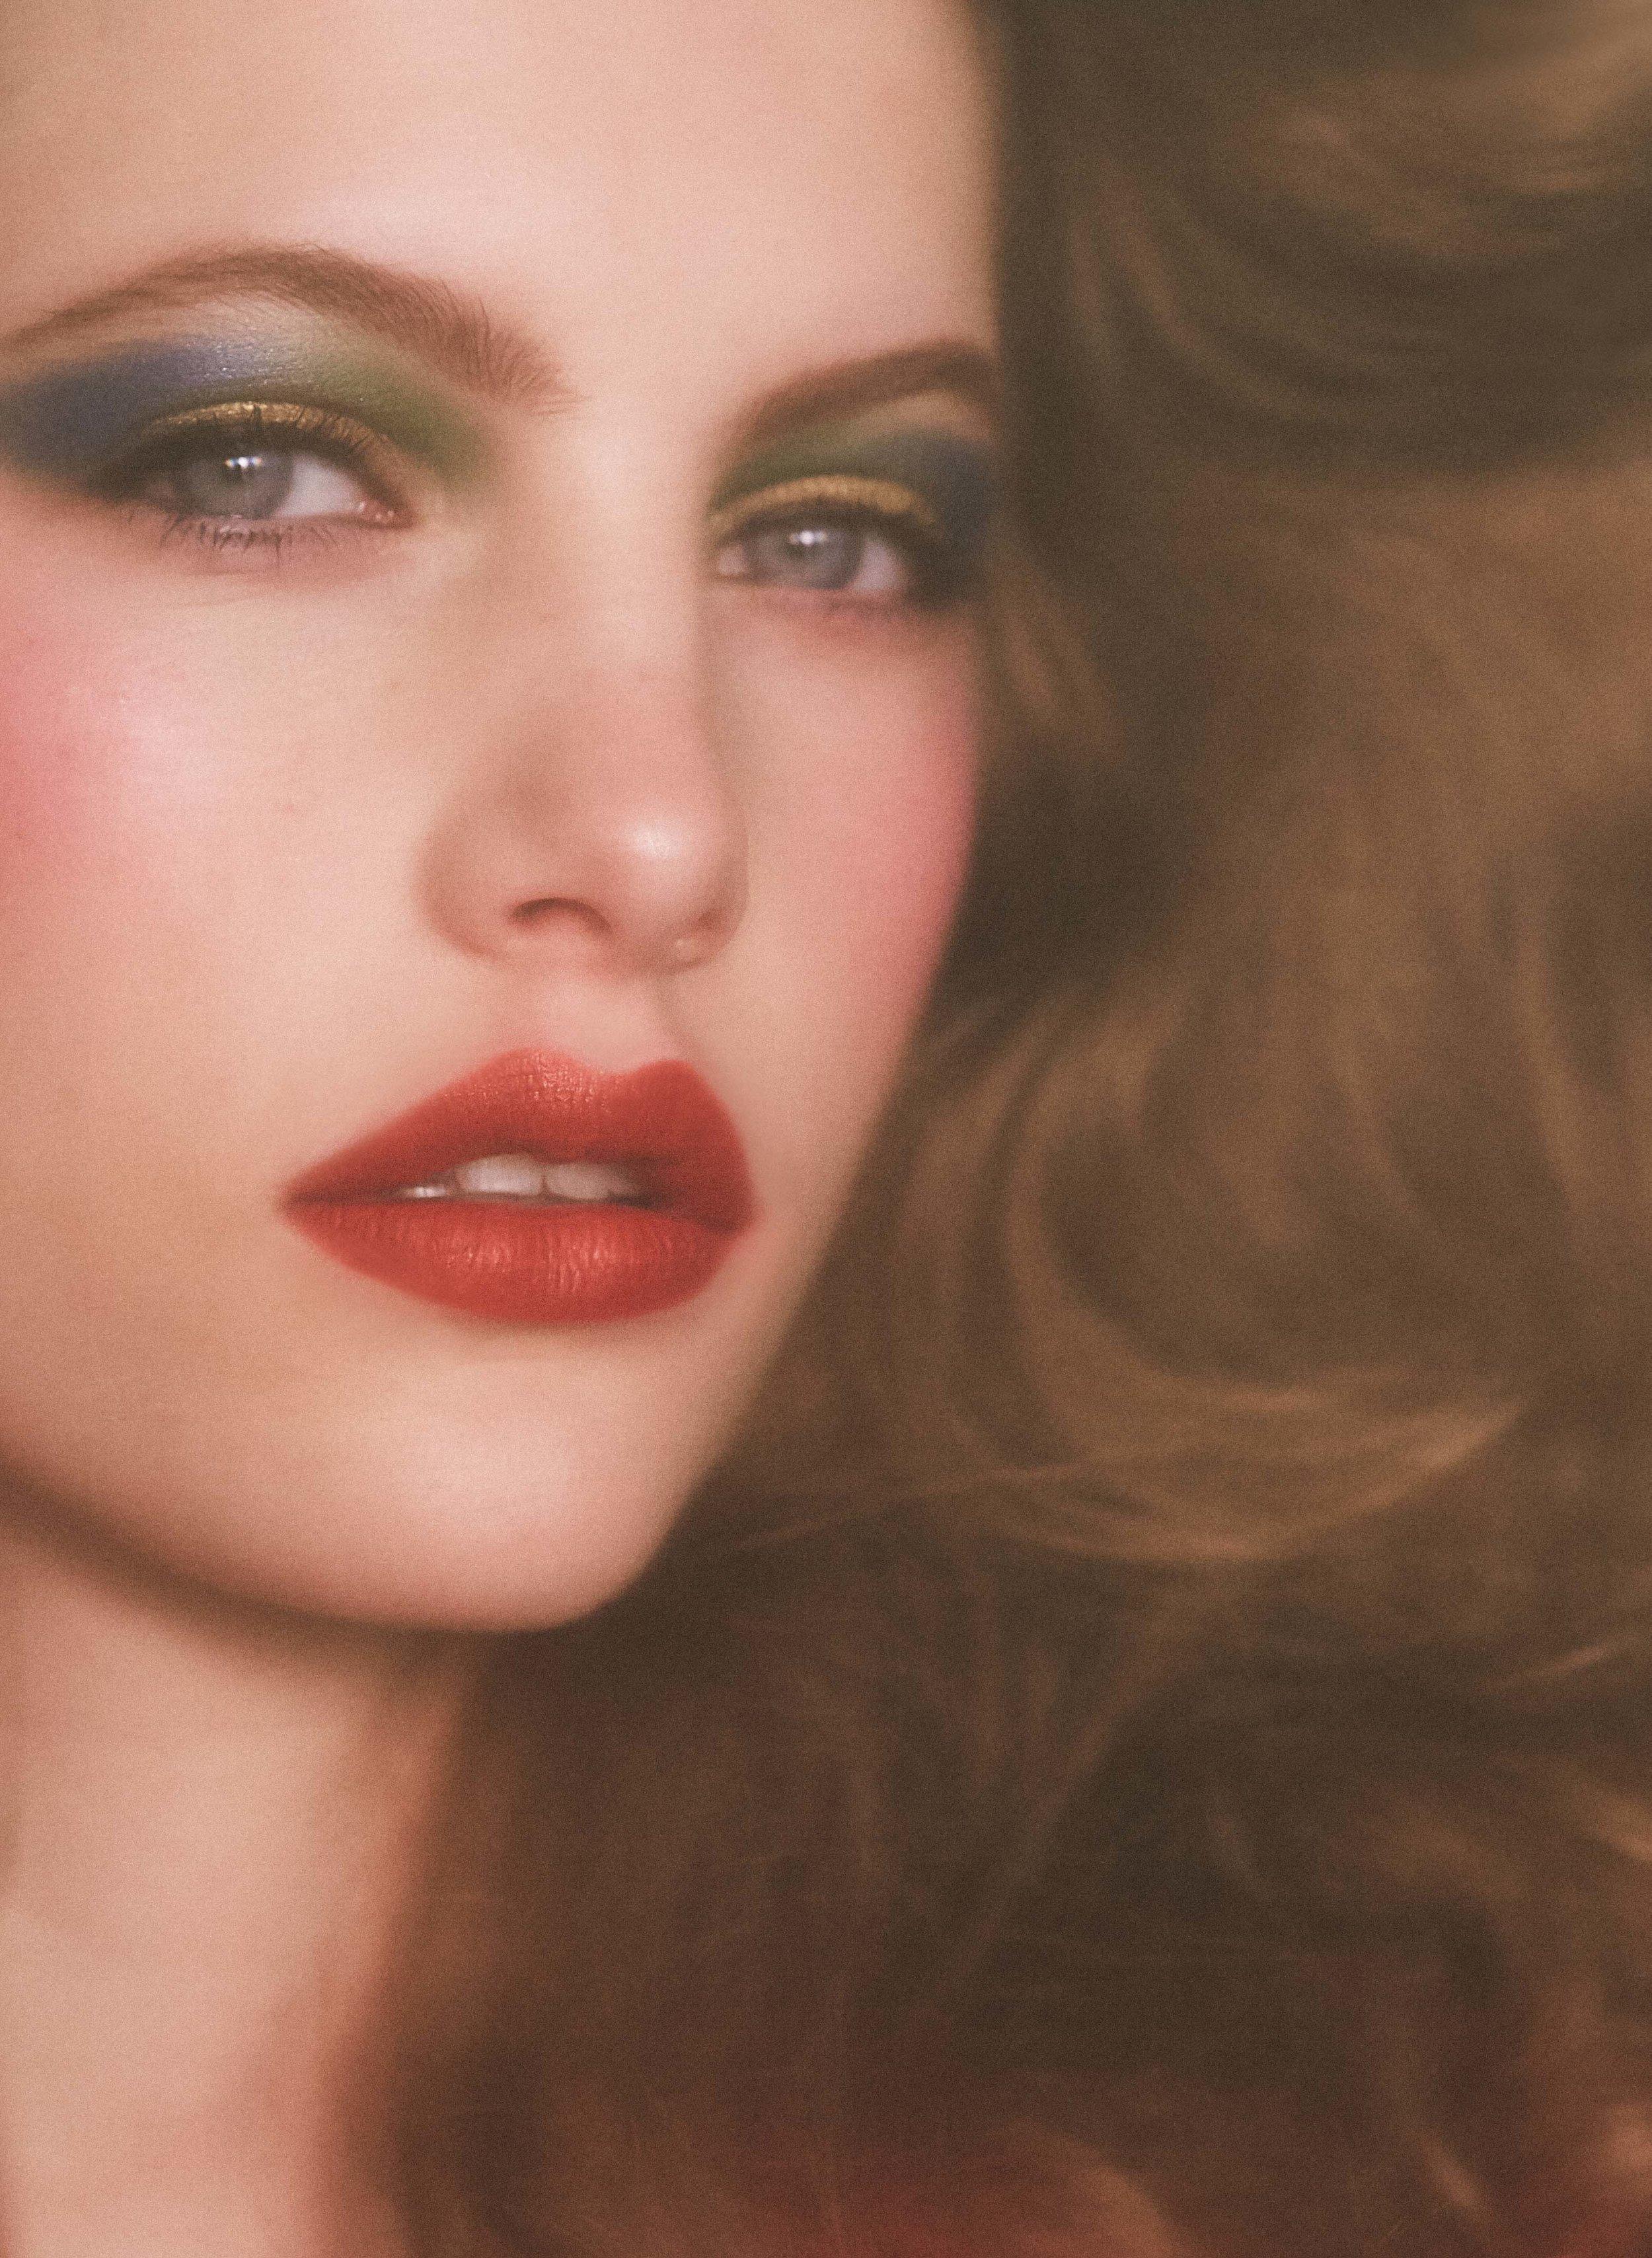 Vogue_Brazil_Beauty15895 copy.jpg